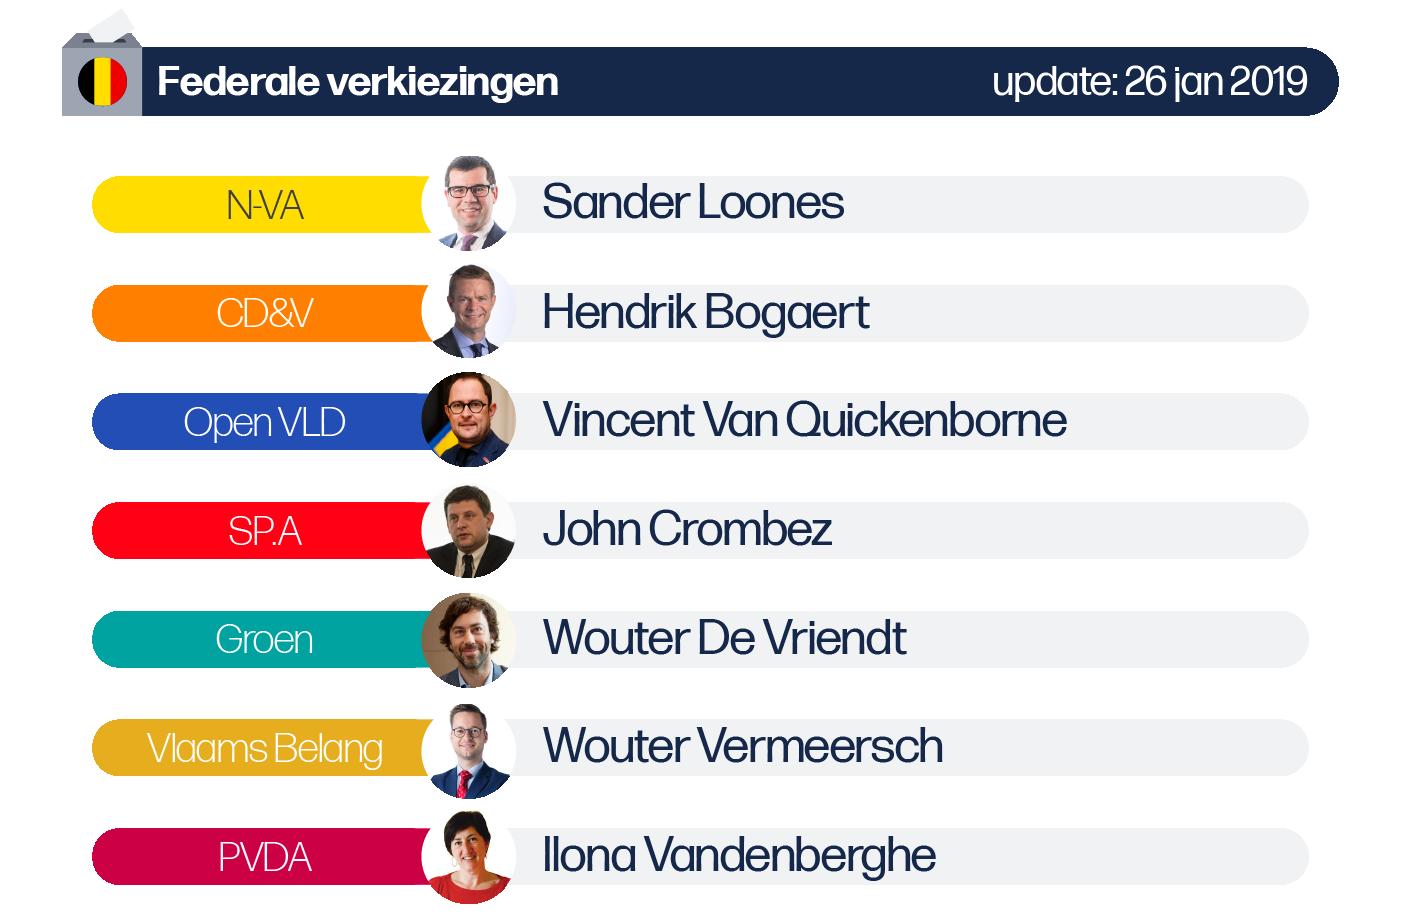 Deze afbeelding omvat volgende lijsttrekkers voor de Federale verkiezingen van de provincie West-Vlaanderen: N-VA: Sander Loones (+ duwer J.M Dedecker), CD&V: Hendrik Bogaert, SP.A: John Crombez, Vlaams Belang: Wouter Vermeersch